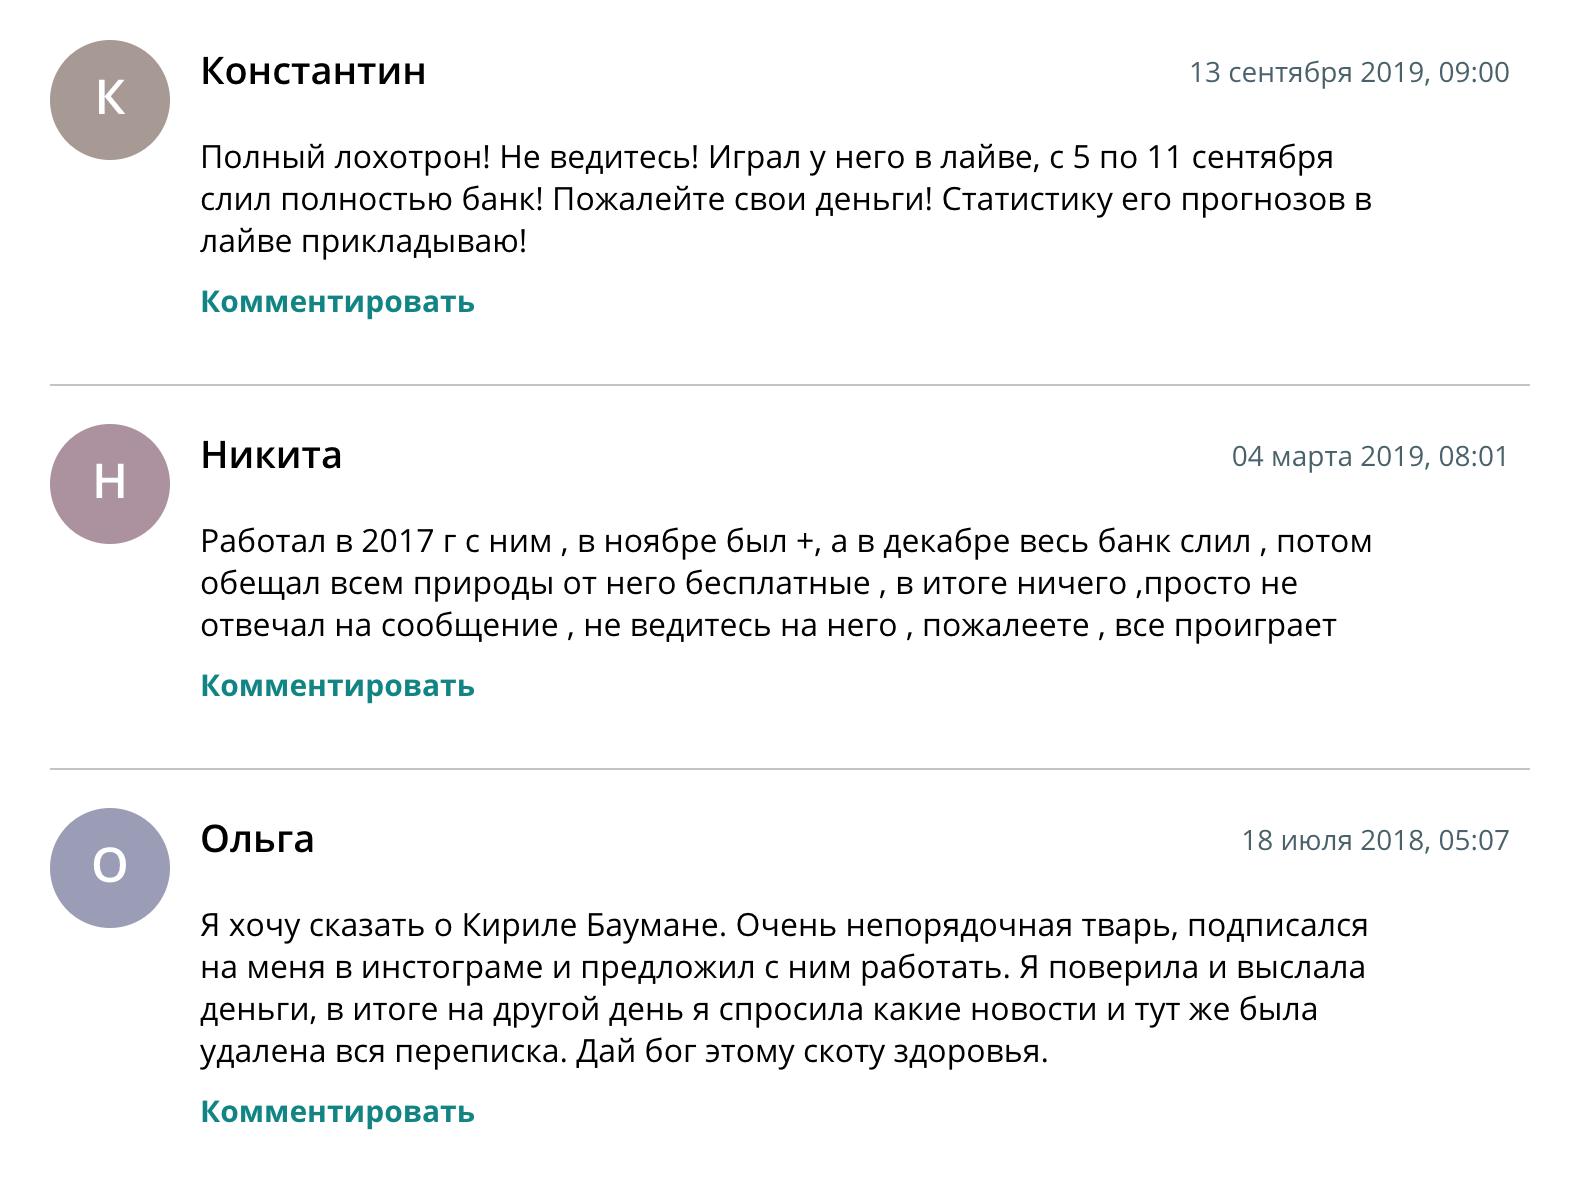 Отзывы о проекте Кирилла Баумана BaumanTeam